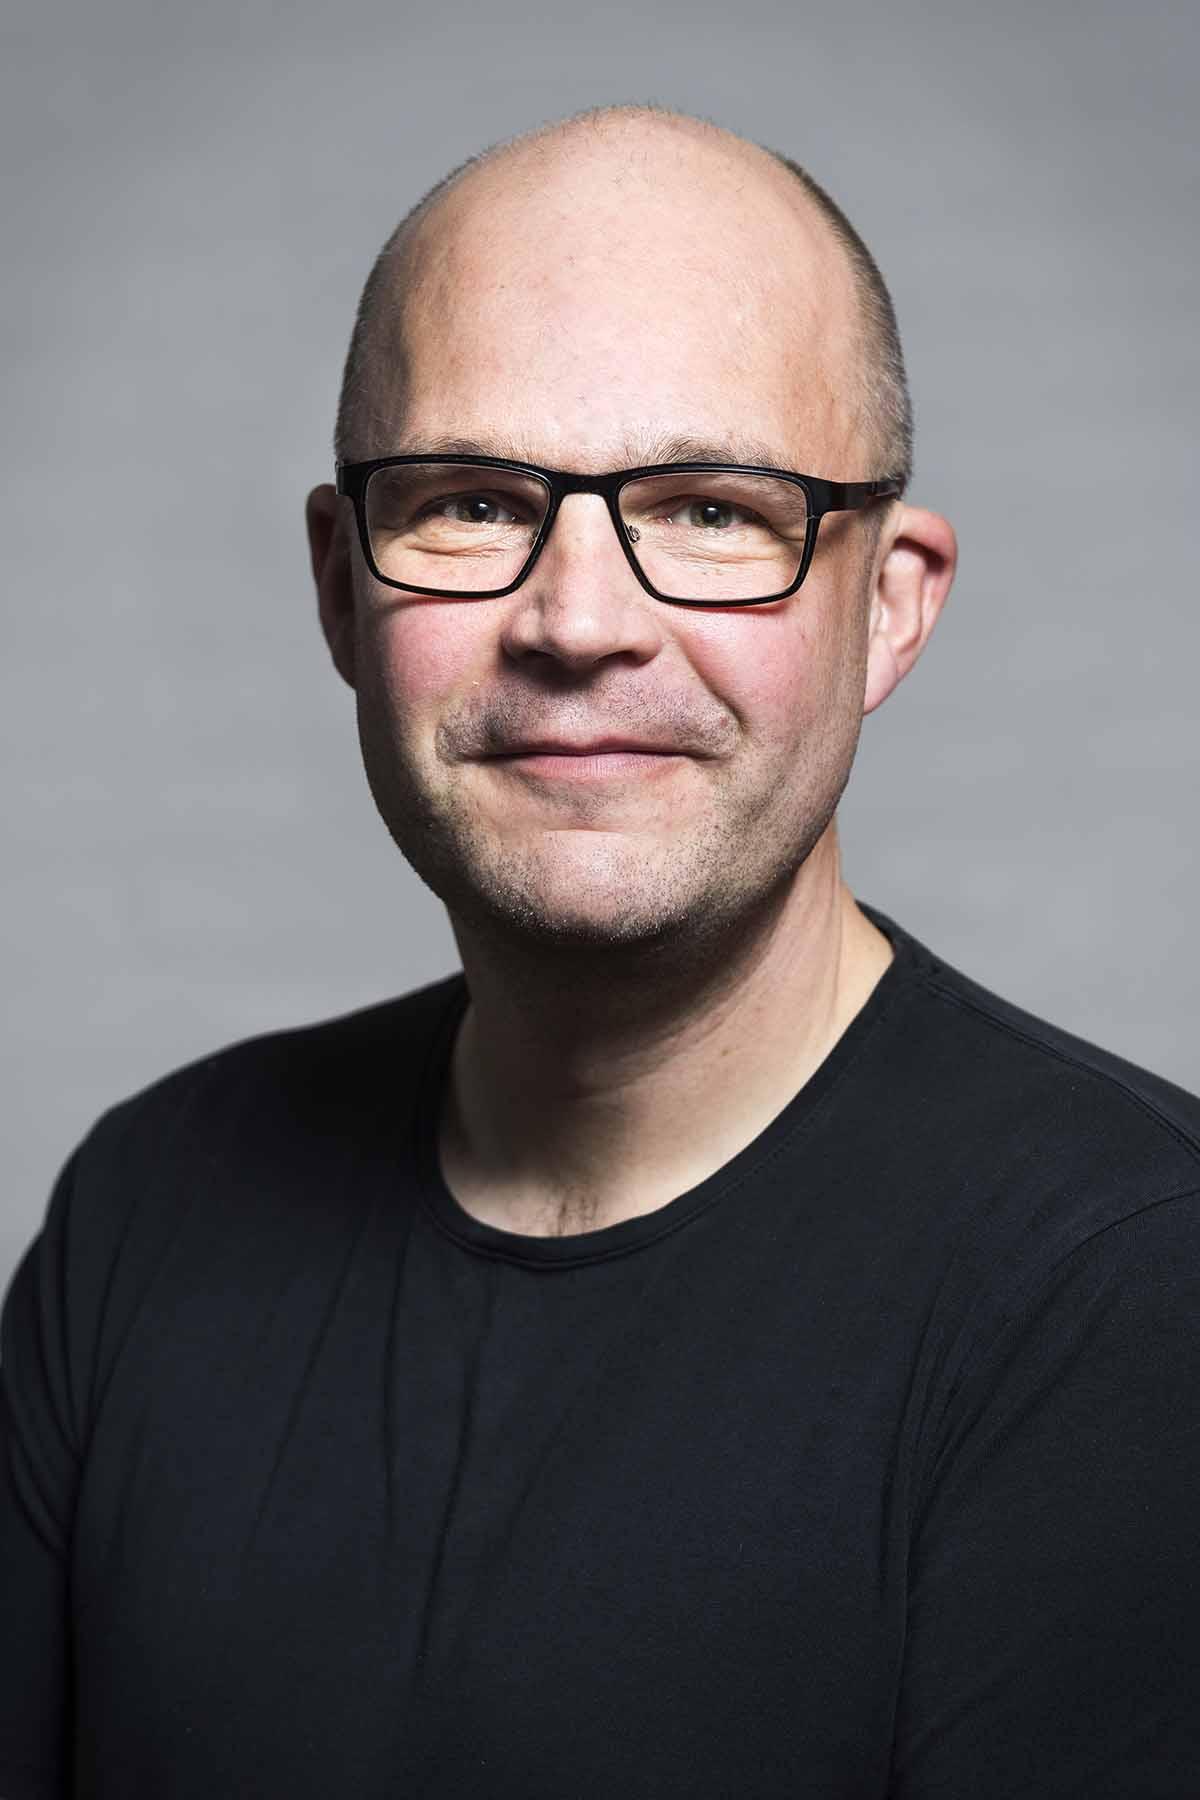 Få lavet dit næste portrætfoto af en dygtig portrætfotograf Roskilde